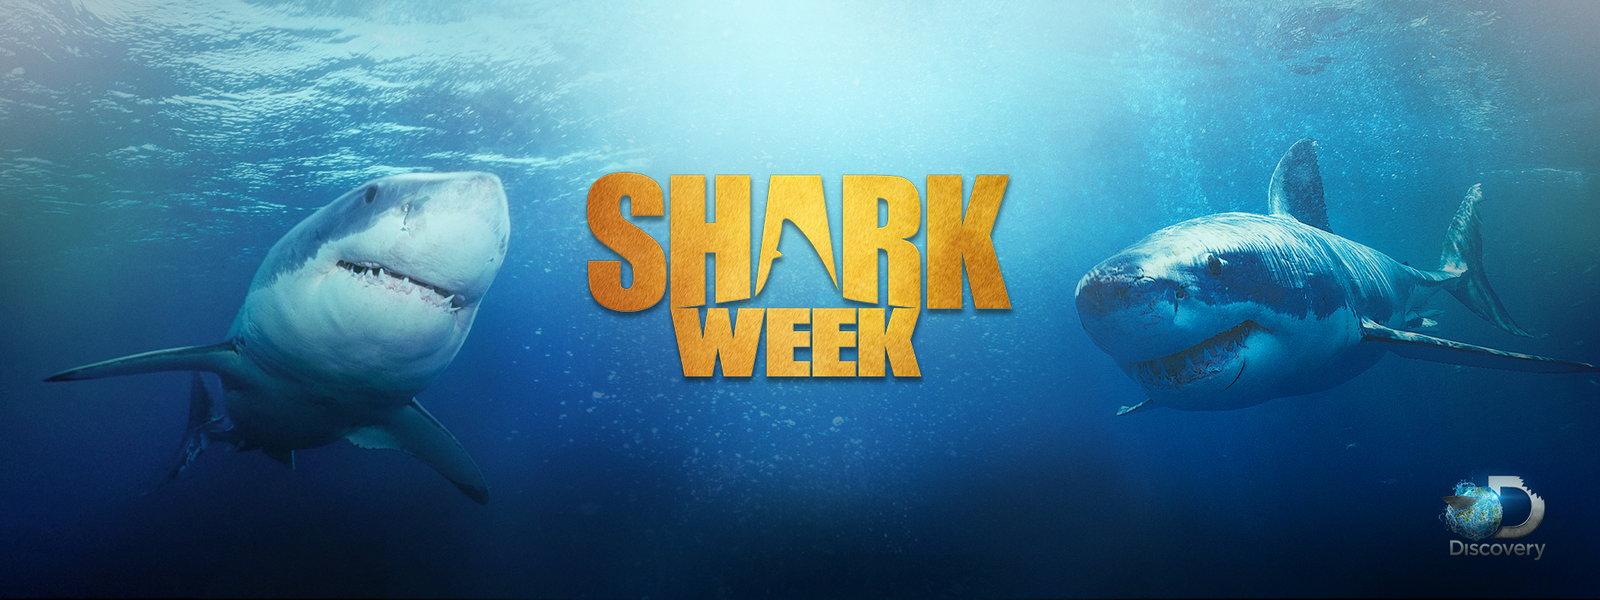 Shark Week Poster